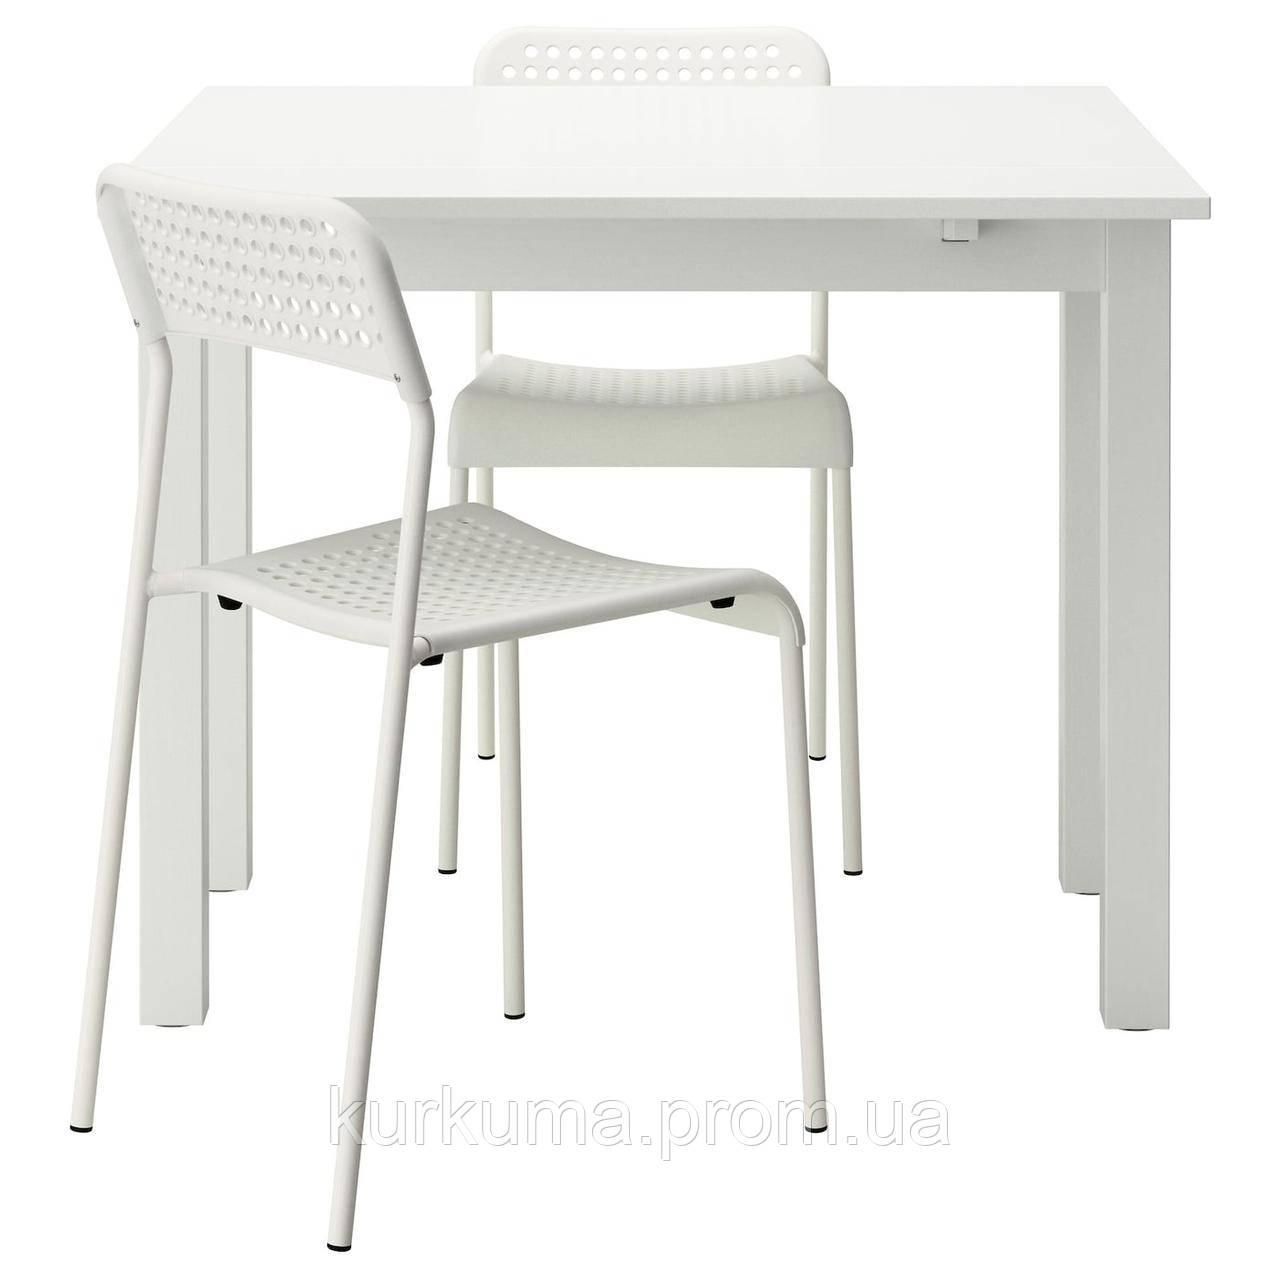 IKEA BJURSTA / ADDE Стол и 2 стула, белый, 50 см (190.107.25)